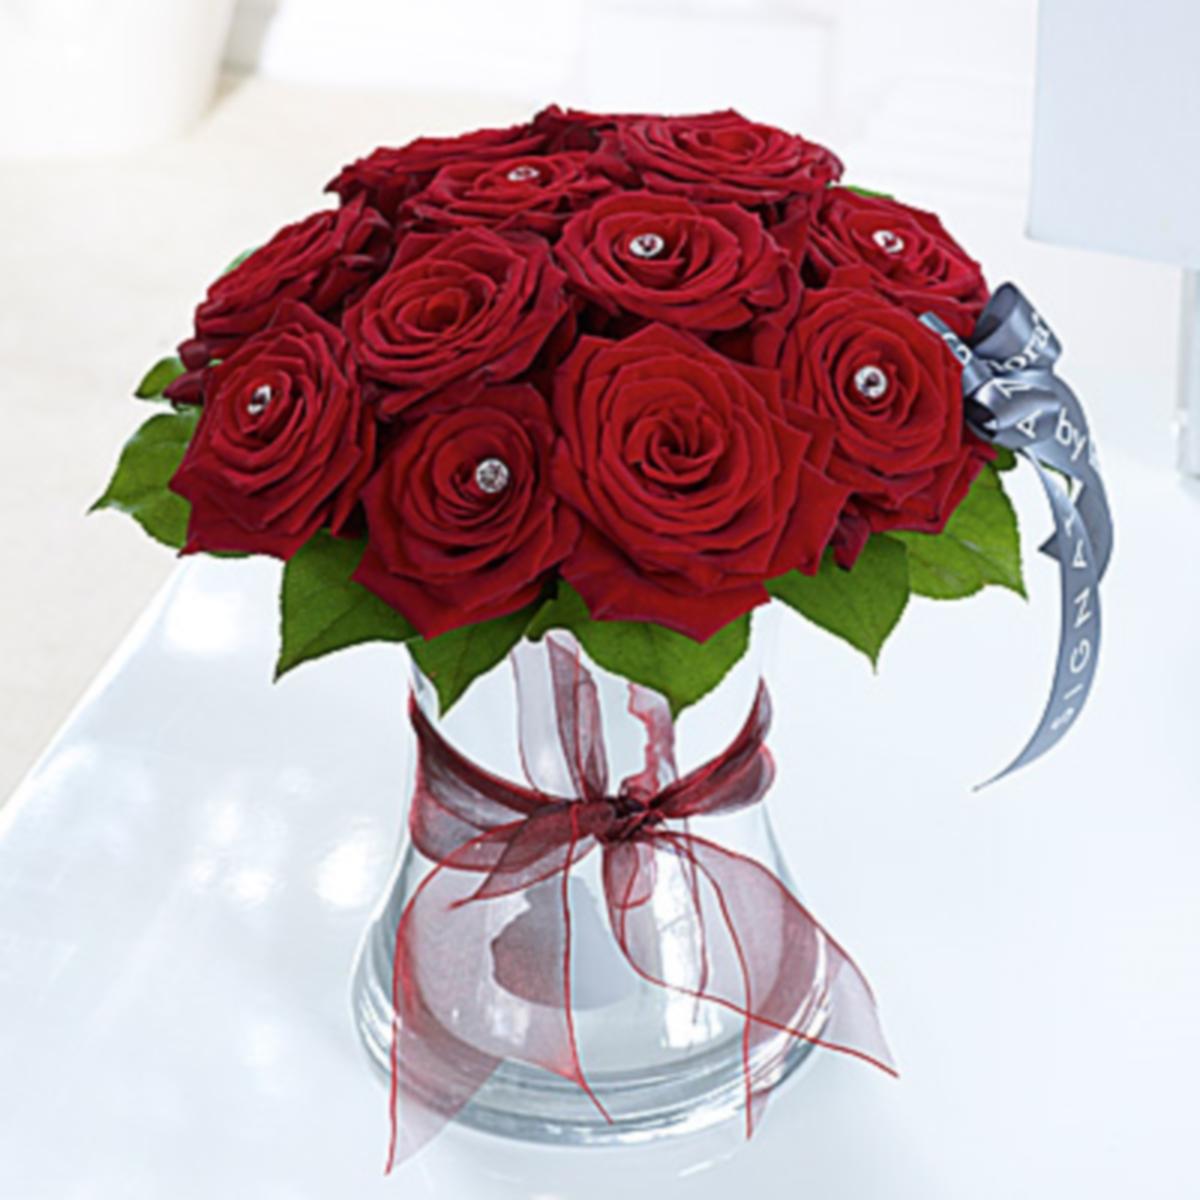 Valentin2-roosikimp